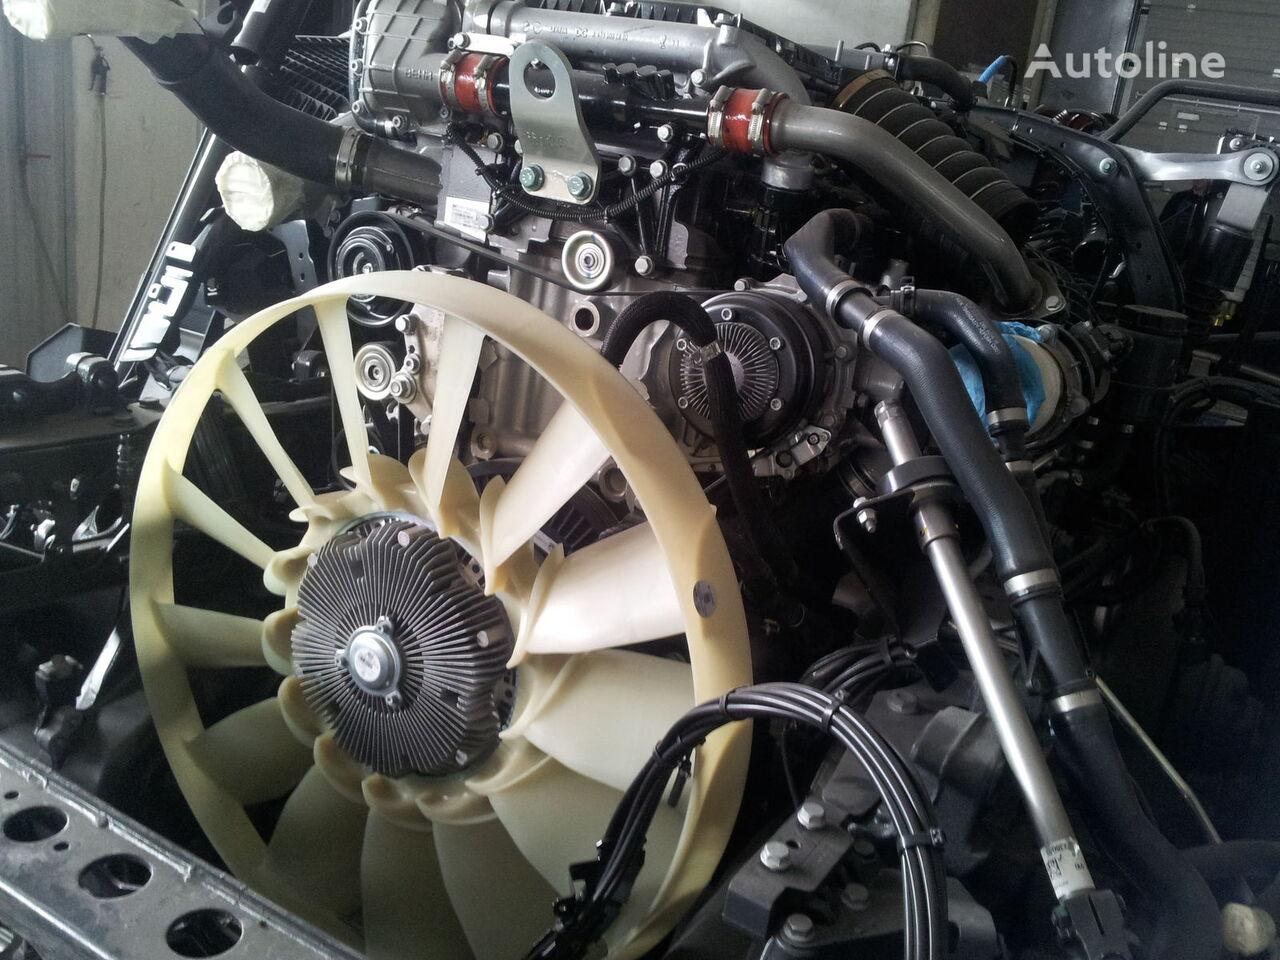 mootor MERCEDES-BENZ OM471LA EURO5, EURO6 tüübi jaoks veduki MERCEDES-BENZ Actros MP4